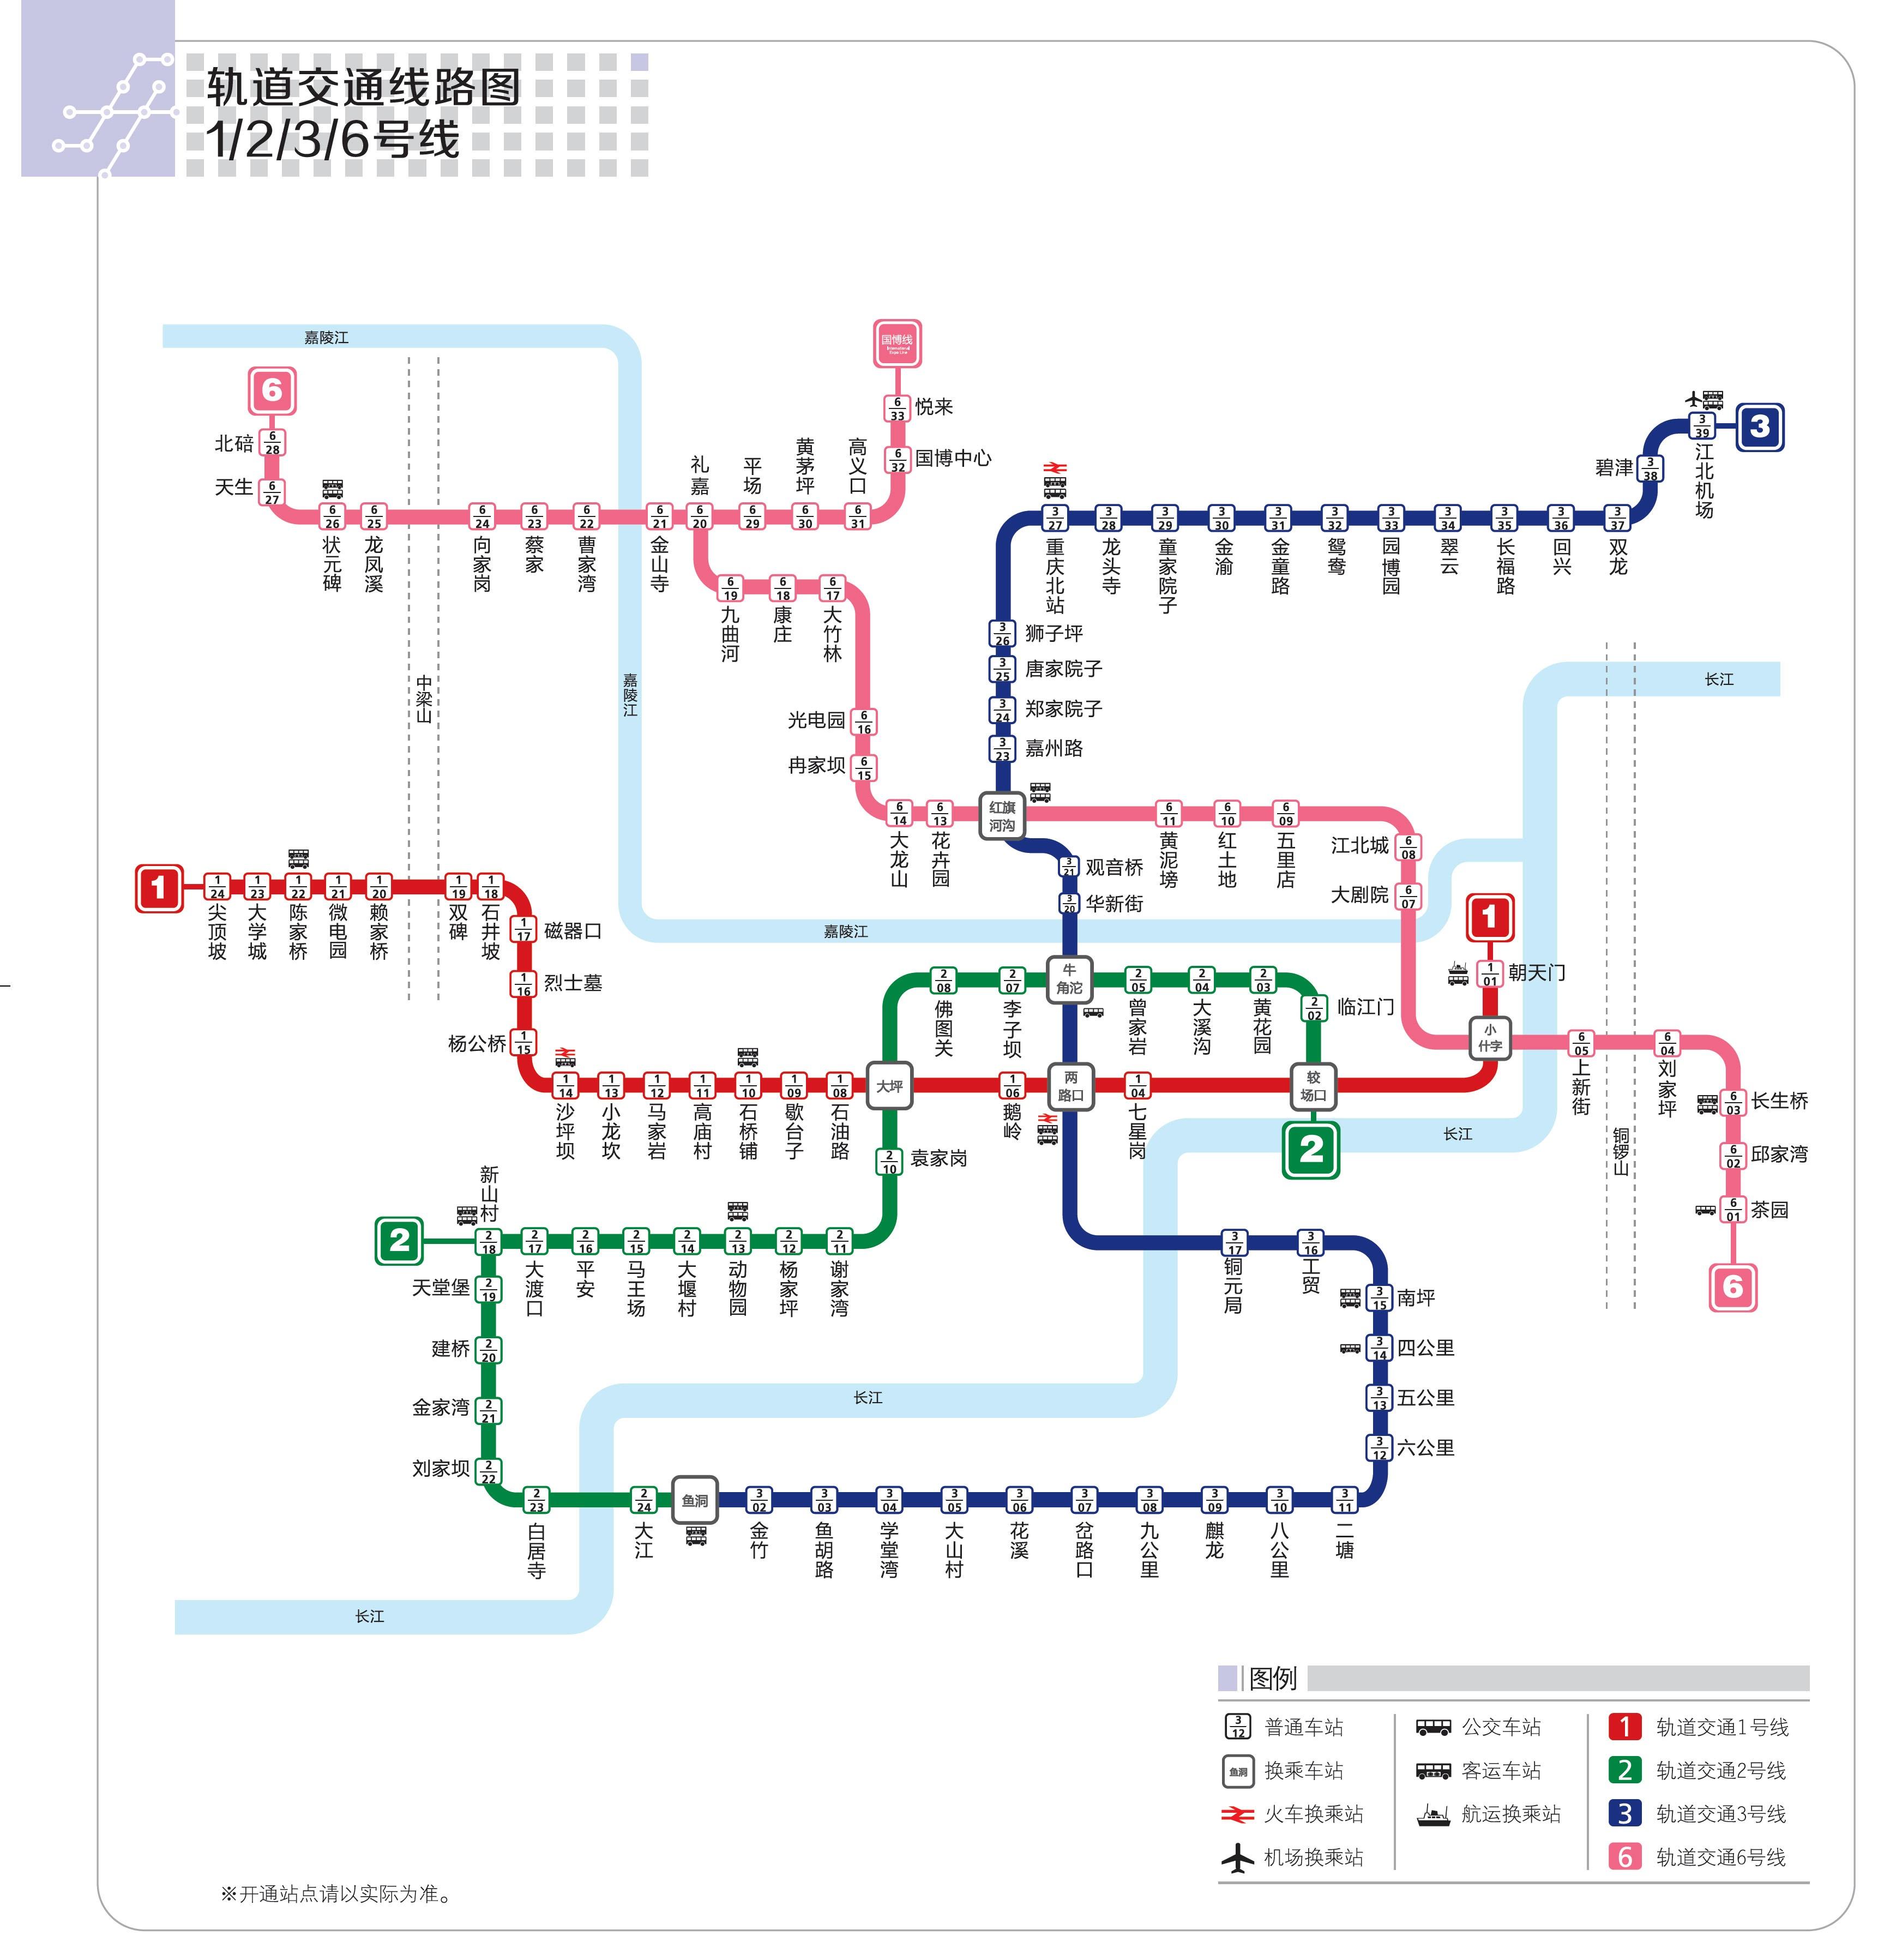 重庆轨道交通线路图